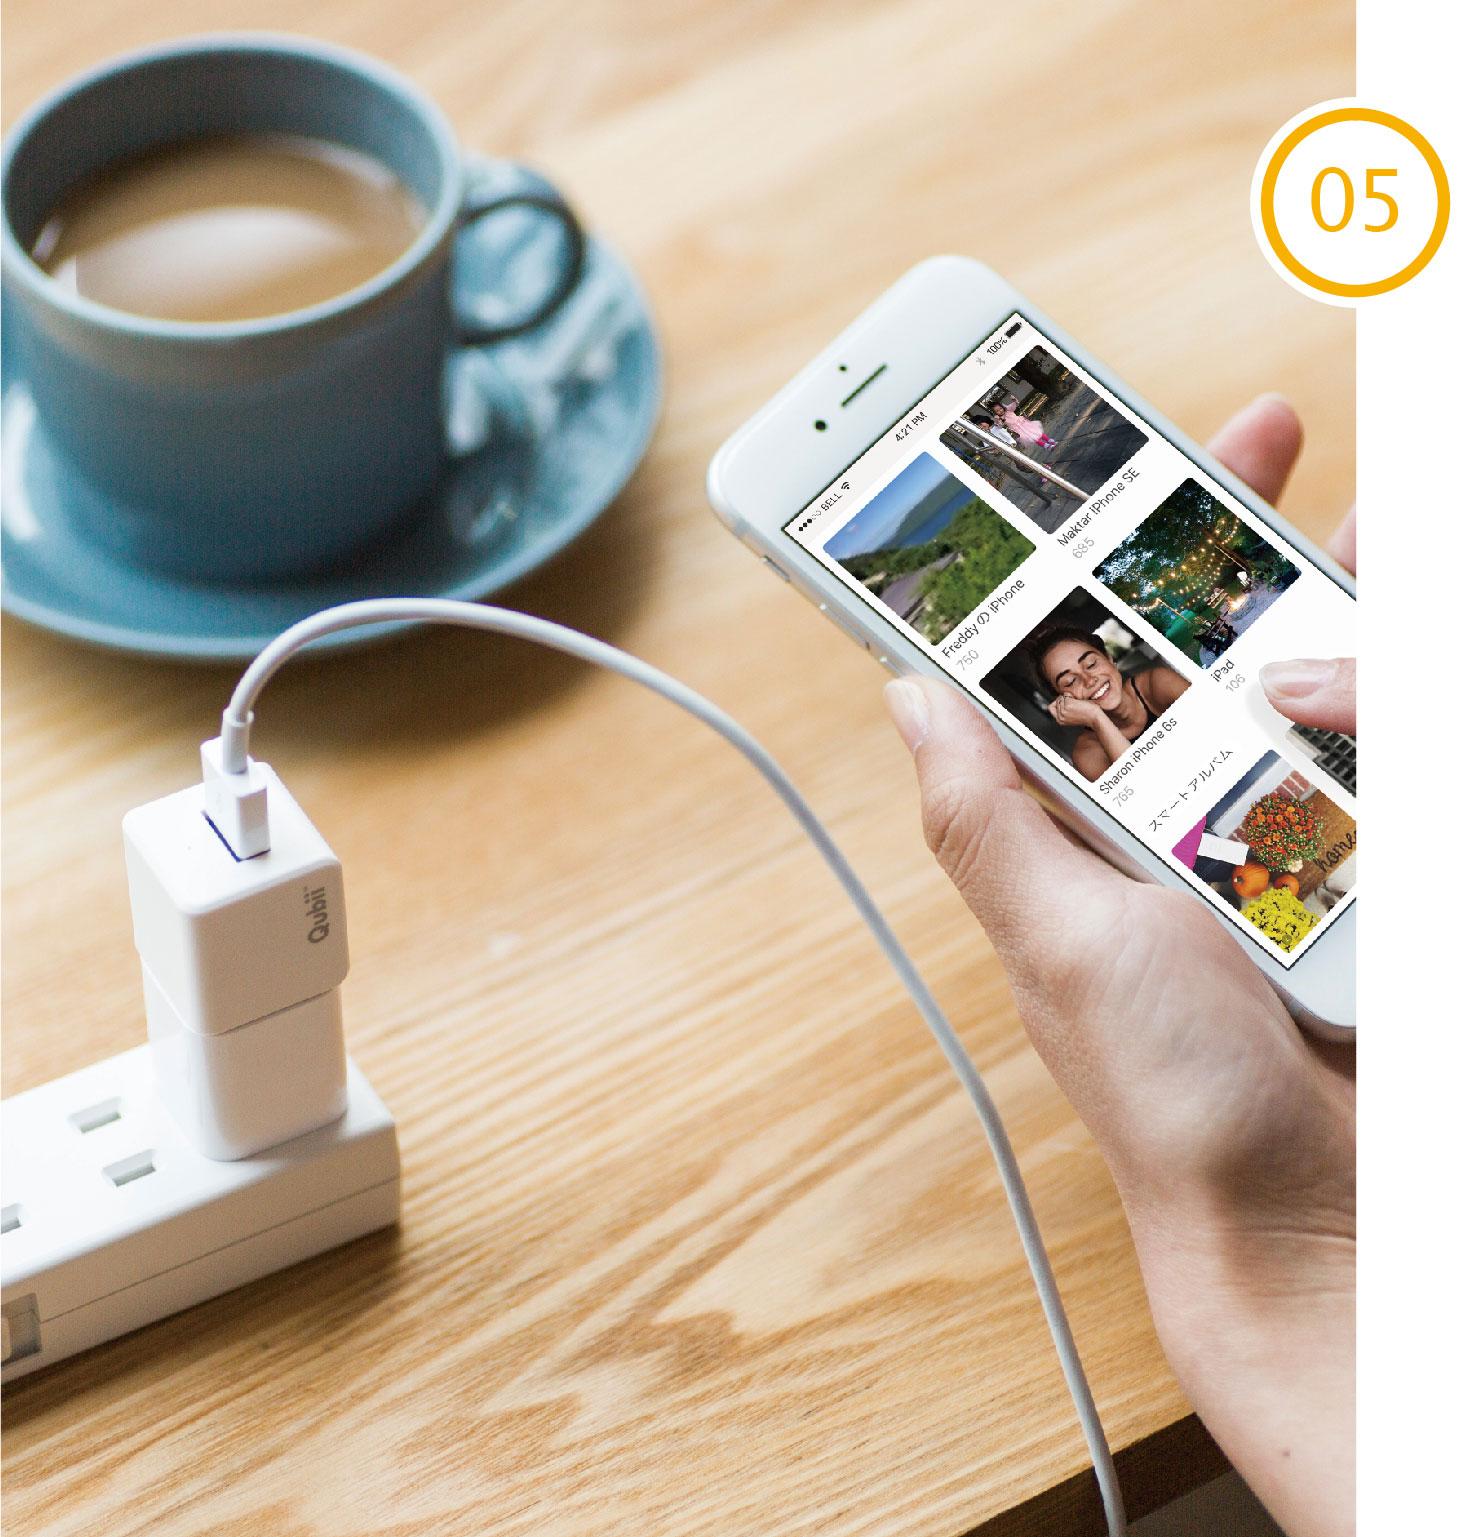 スマホを触りながらバックアップOK - チャットにSNS、通話やゲーム…スマホを操作しながらでもバックアップが可能です電話をしながら、ゲームをしながら、 LINEでメッセージをしながら。他のアプリを立ち上げていても、iPhoneをQubiiが挿さったケーブルに接続していれば、いつでもバックアップが可能です。AppleののMFi規格のチップを使用しているQubiiは、iPhone を充電しながらでもバックグラウンドでデータをすばやく転送、バックアップできるのです。